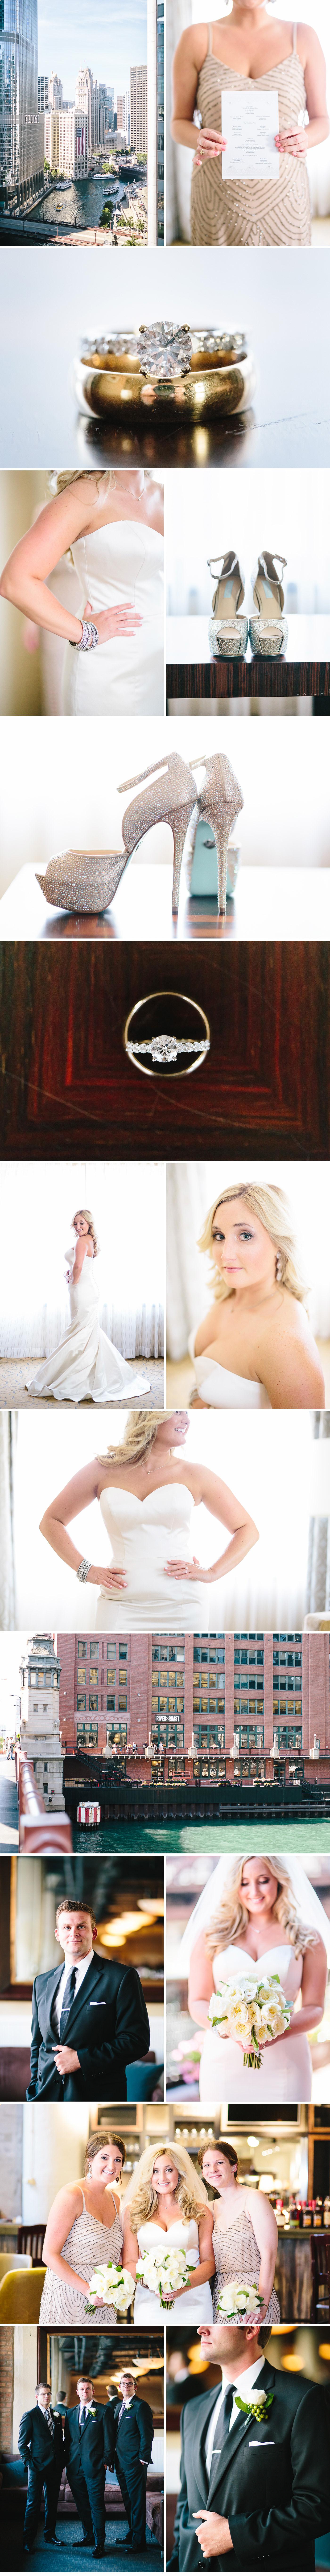 Chicago_Fine_Art_Wedding_Photography_kline.jpg